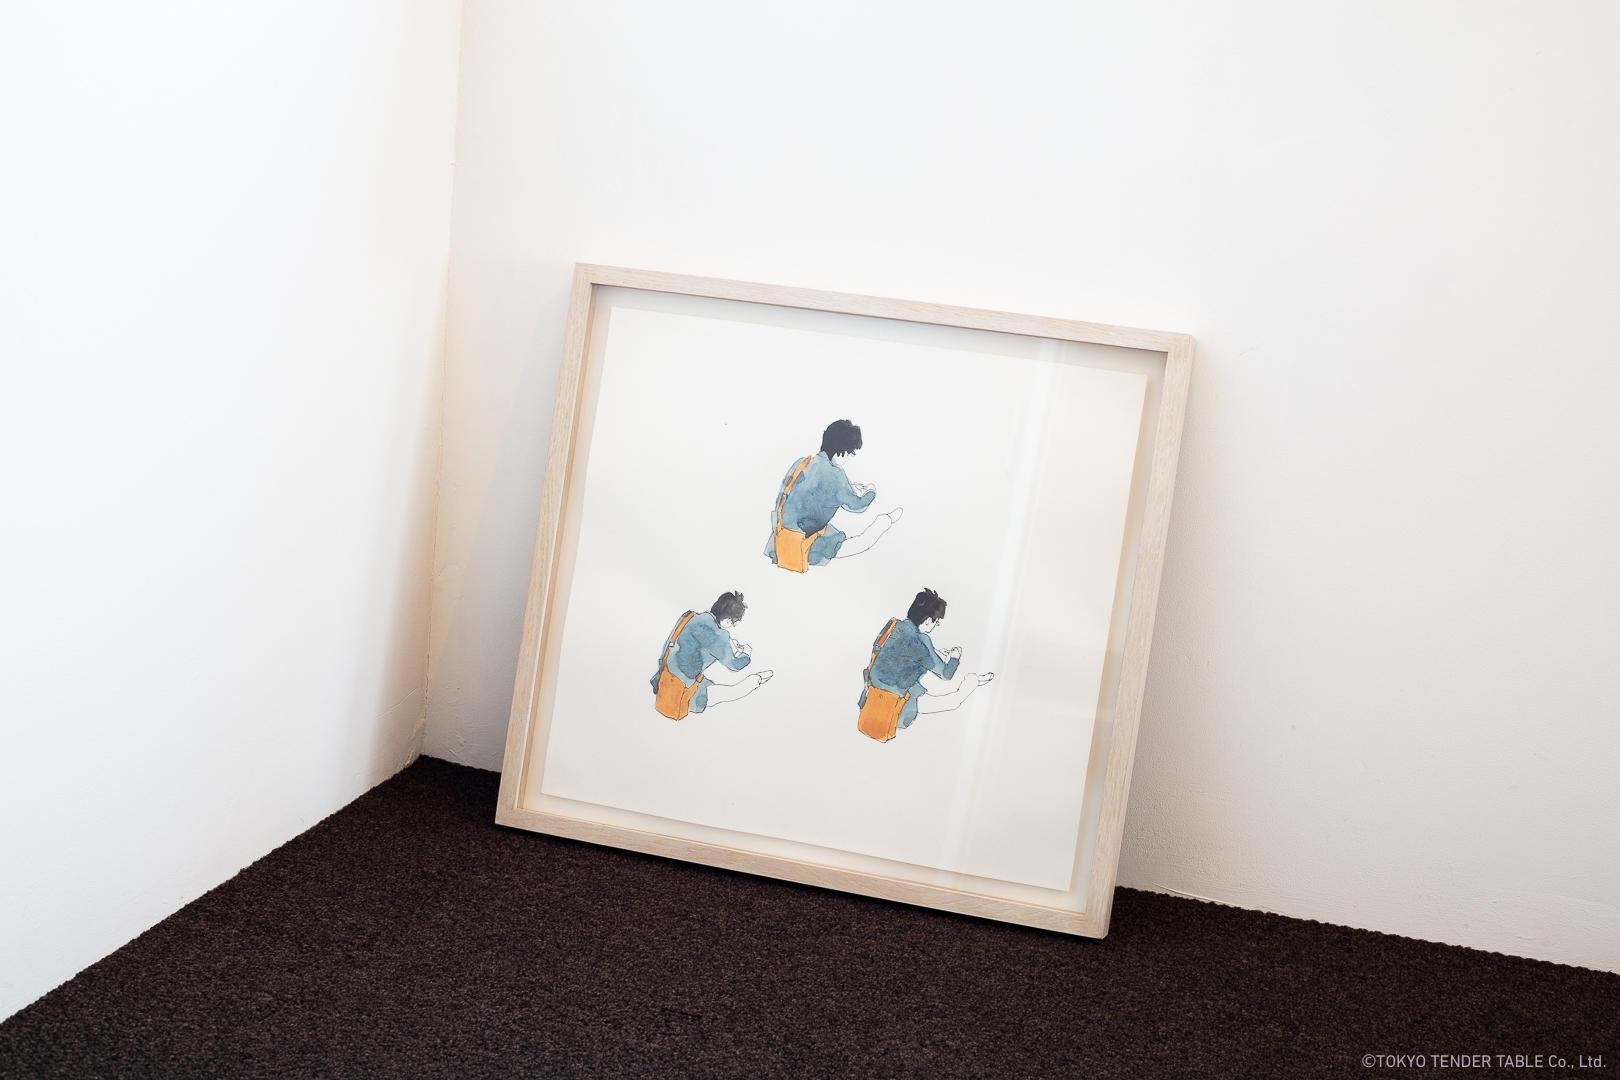 司馬香里, 絵画